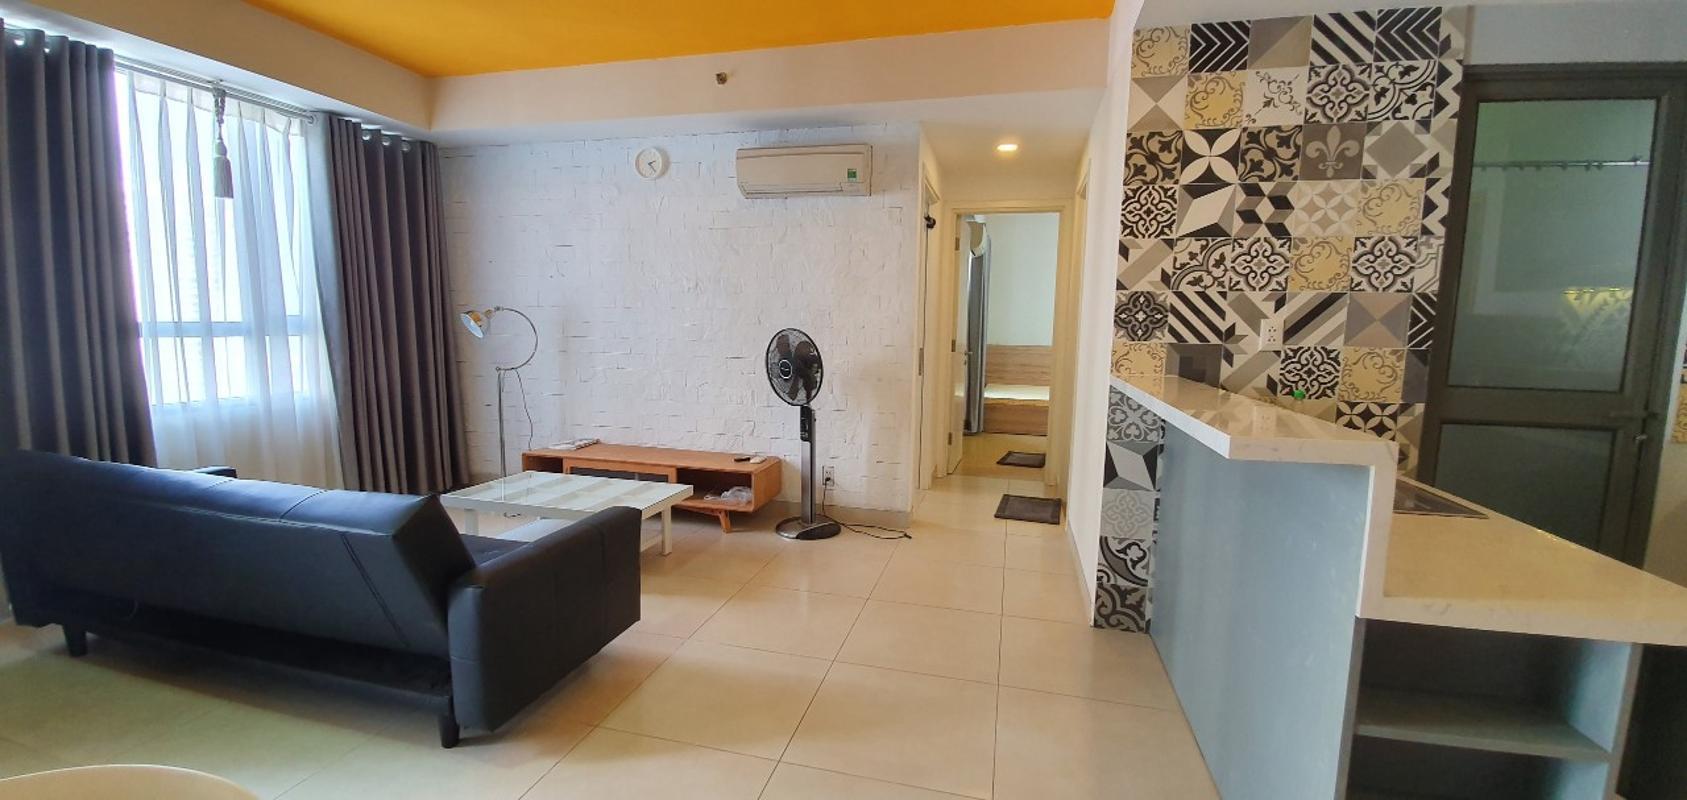 3d9a00d14e4ca812f15d Bán hoặc cho thuê căn hộ Masteri Thảo Điền 2 phòng ngủ, diện tích 66m2, đầy đủ nội thất